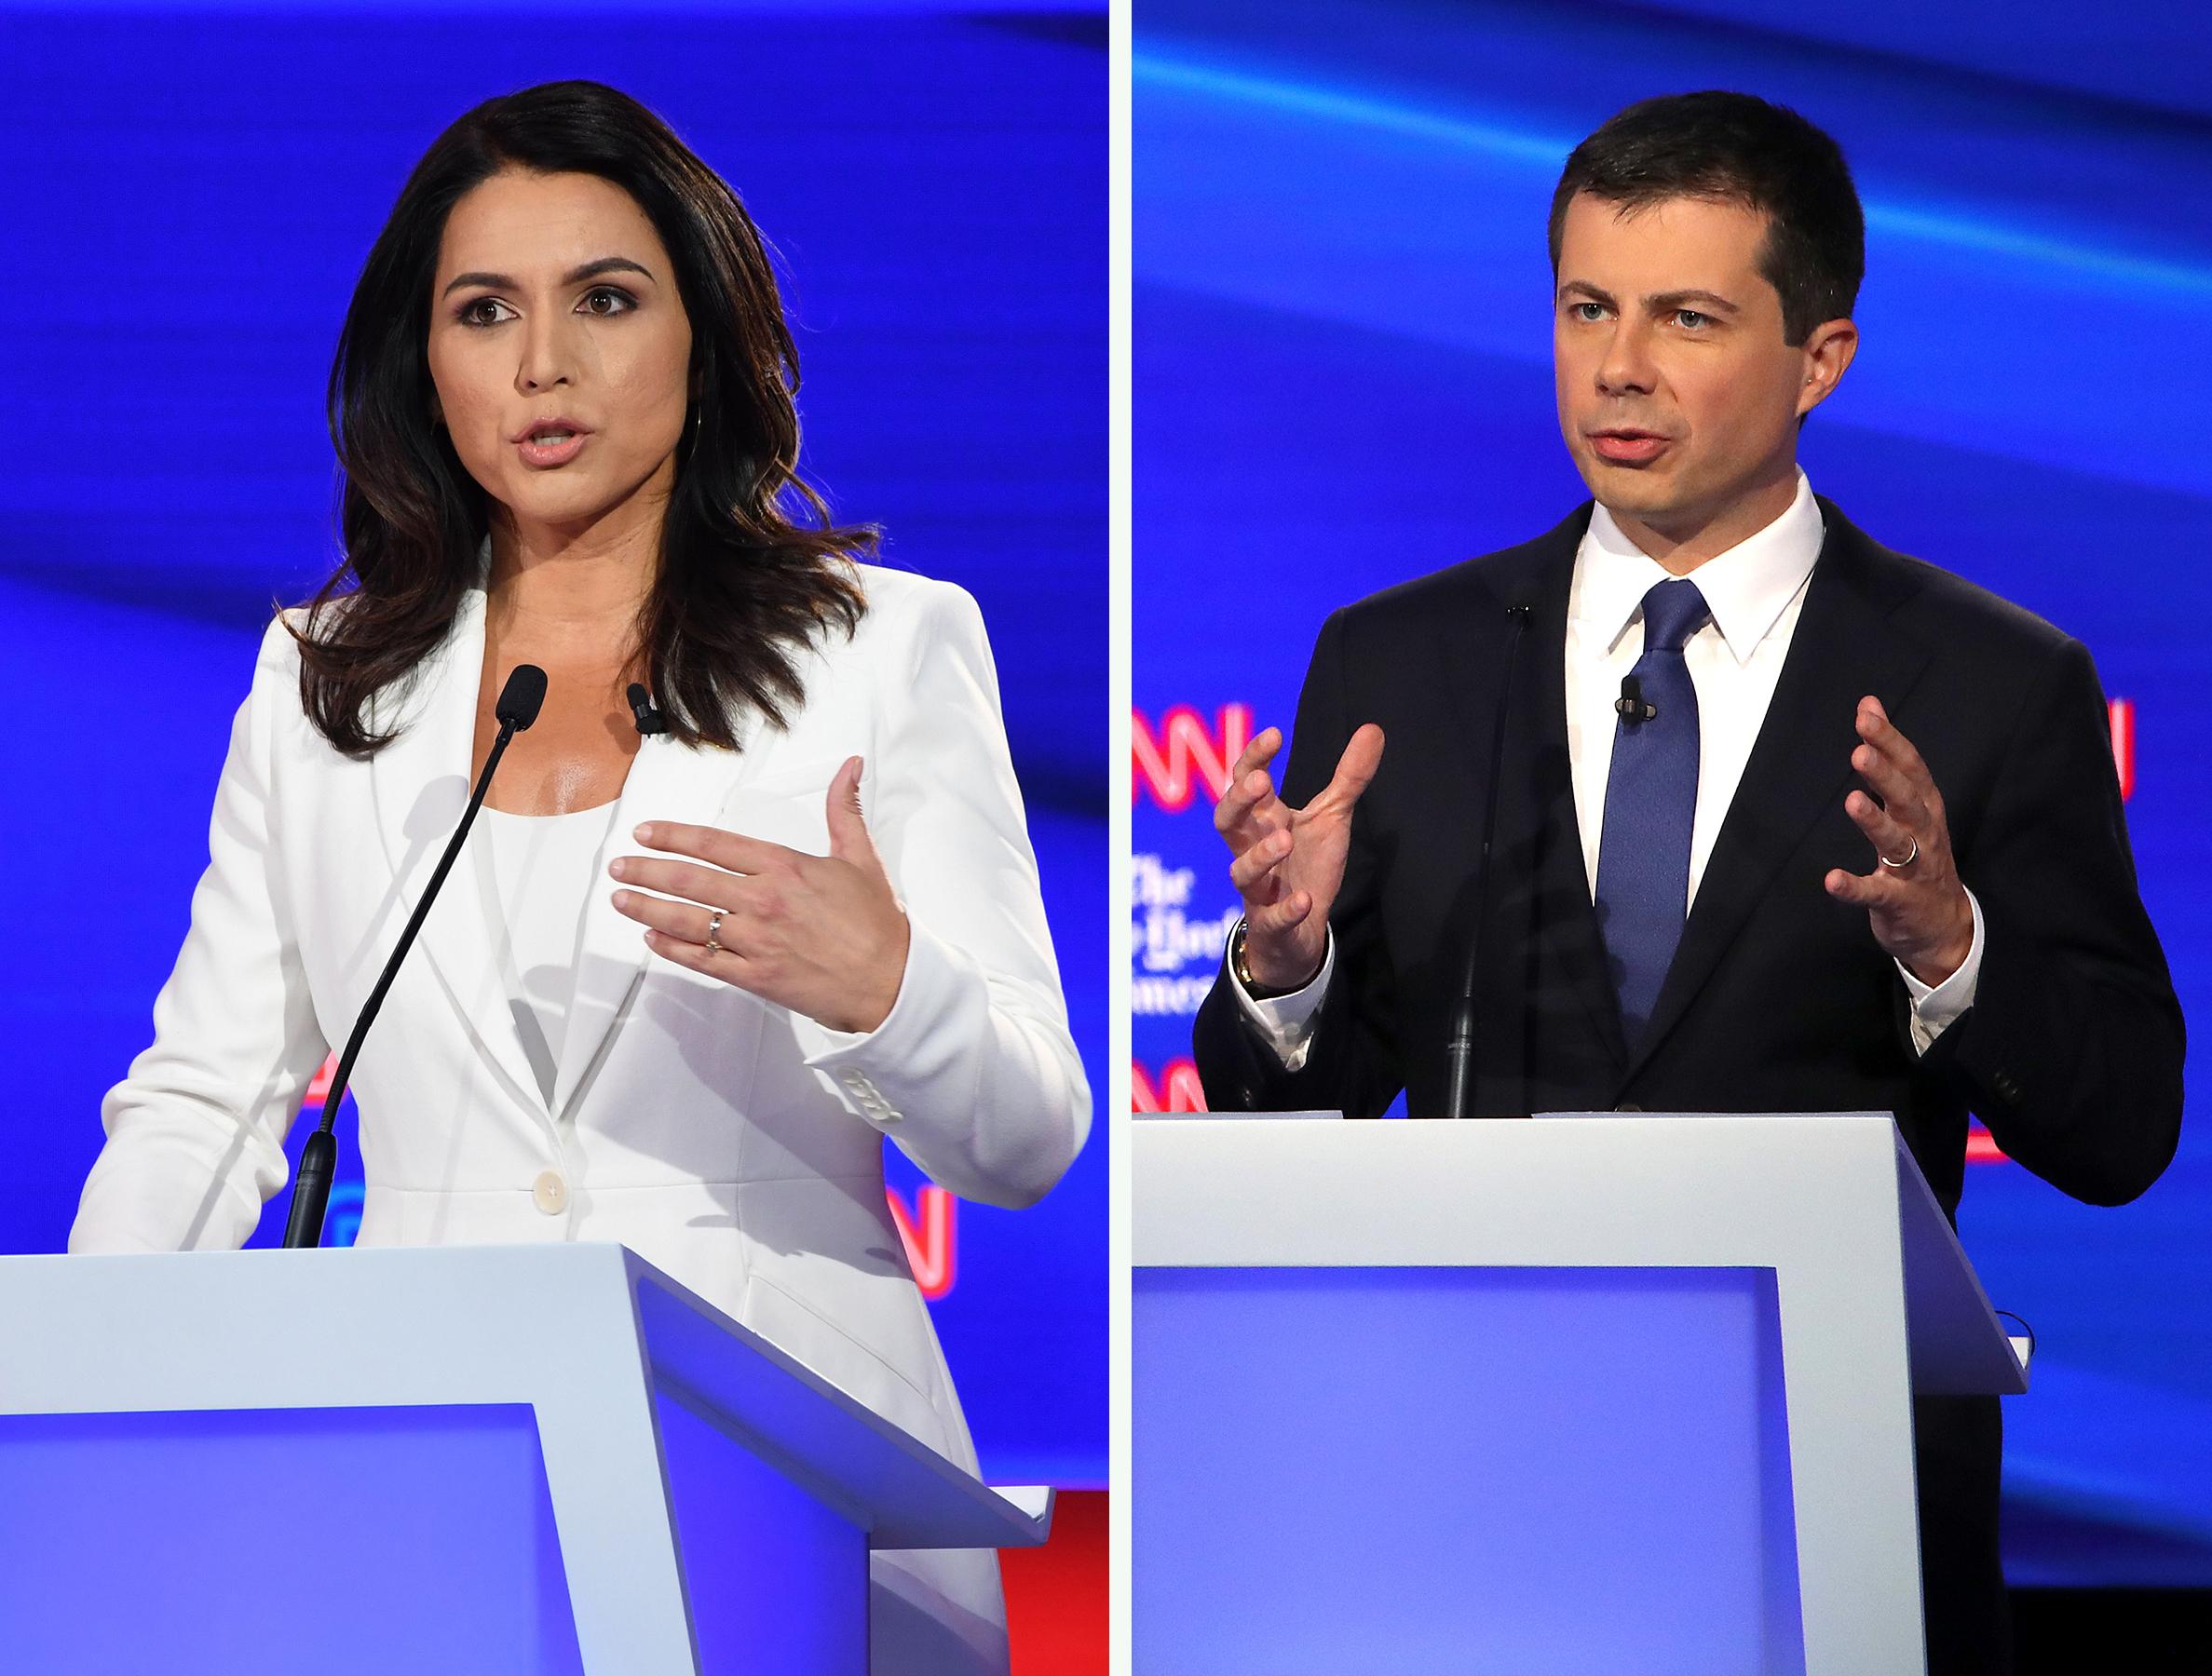 In Democratic Debate, A Fiery Clash Over U.S. Role In Syria